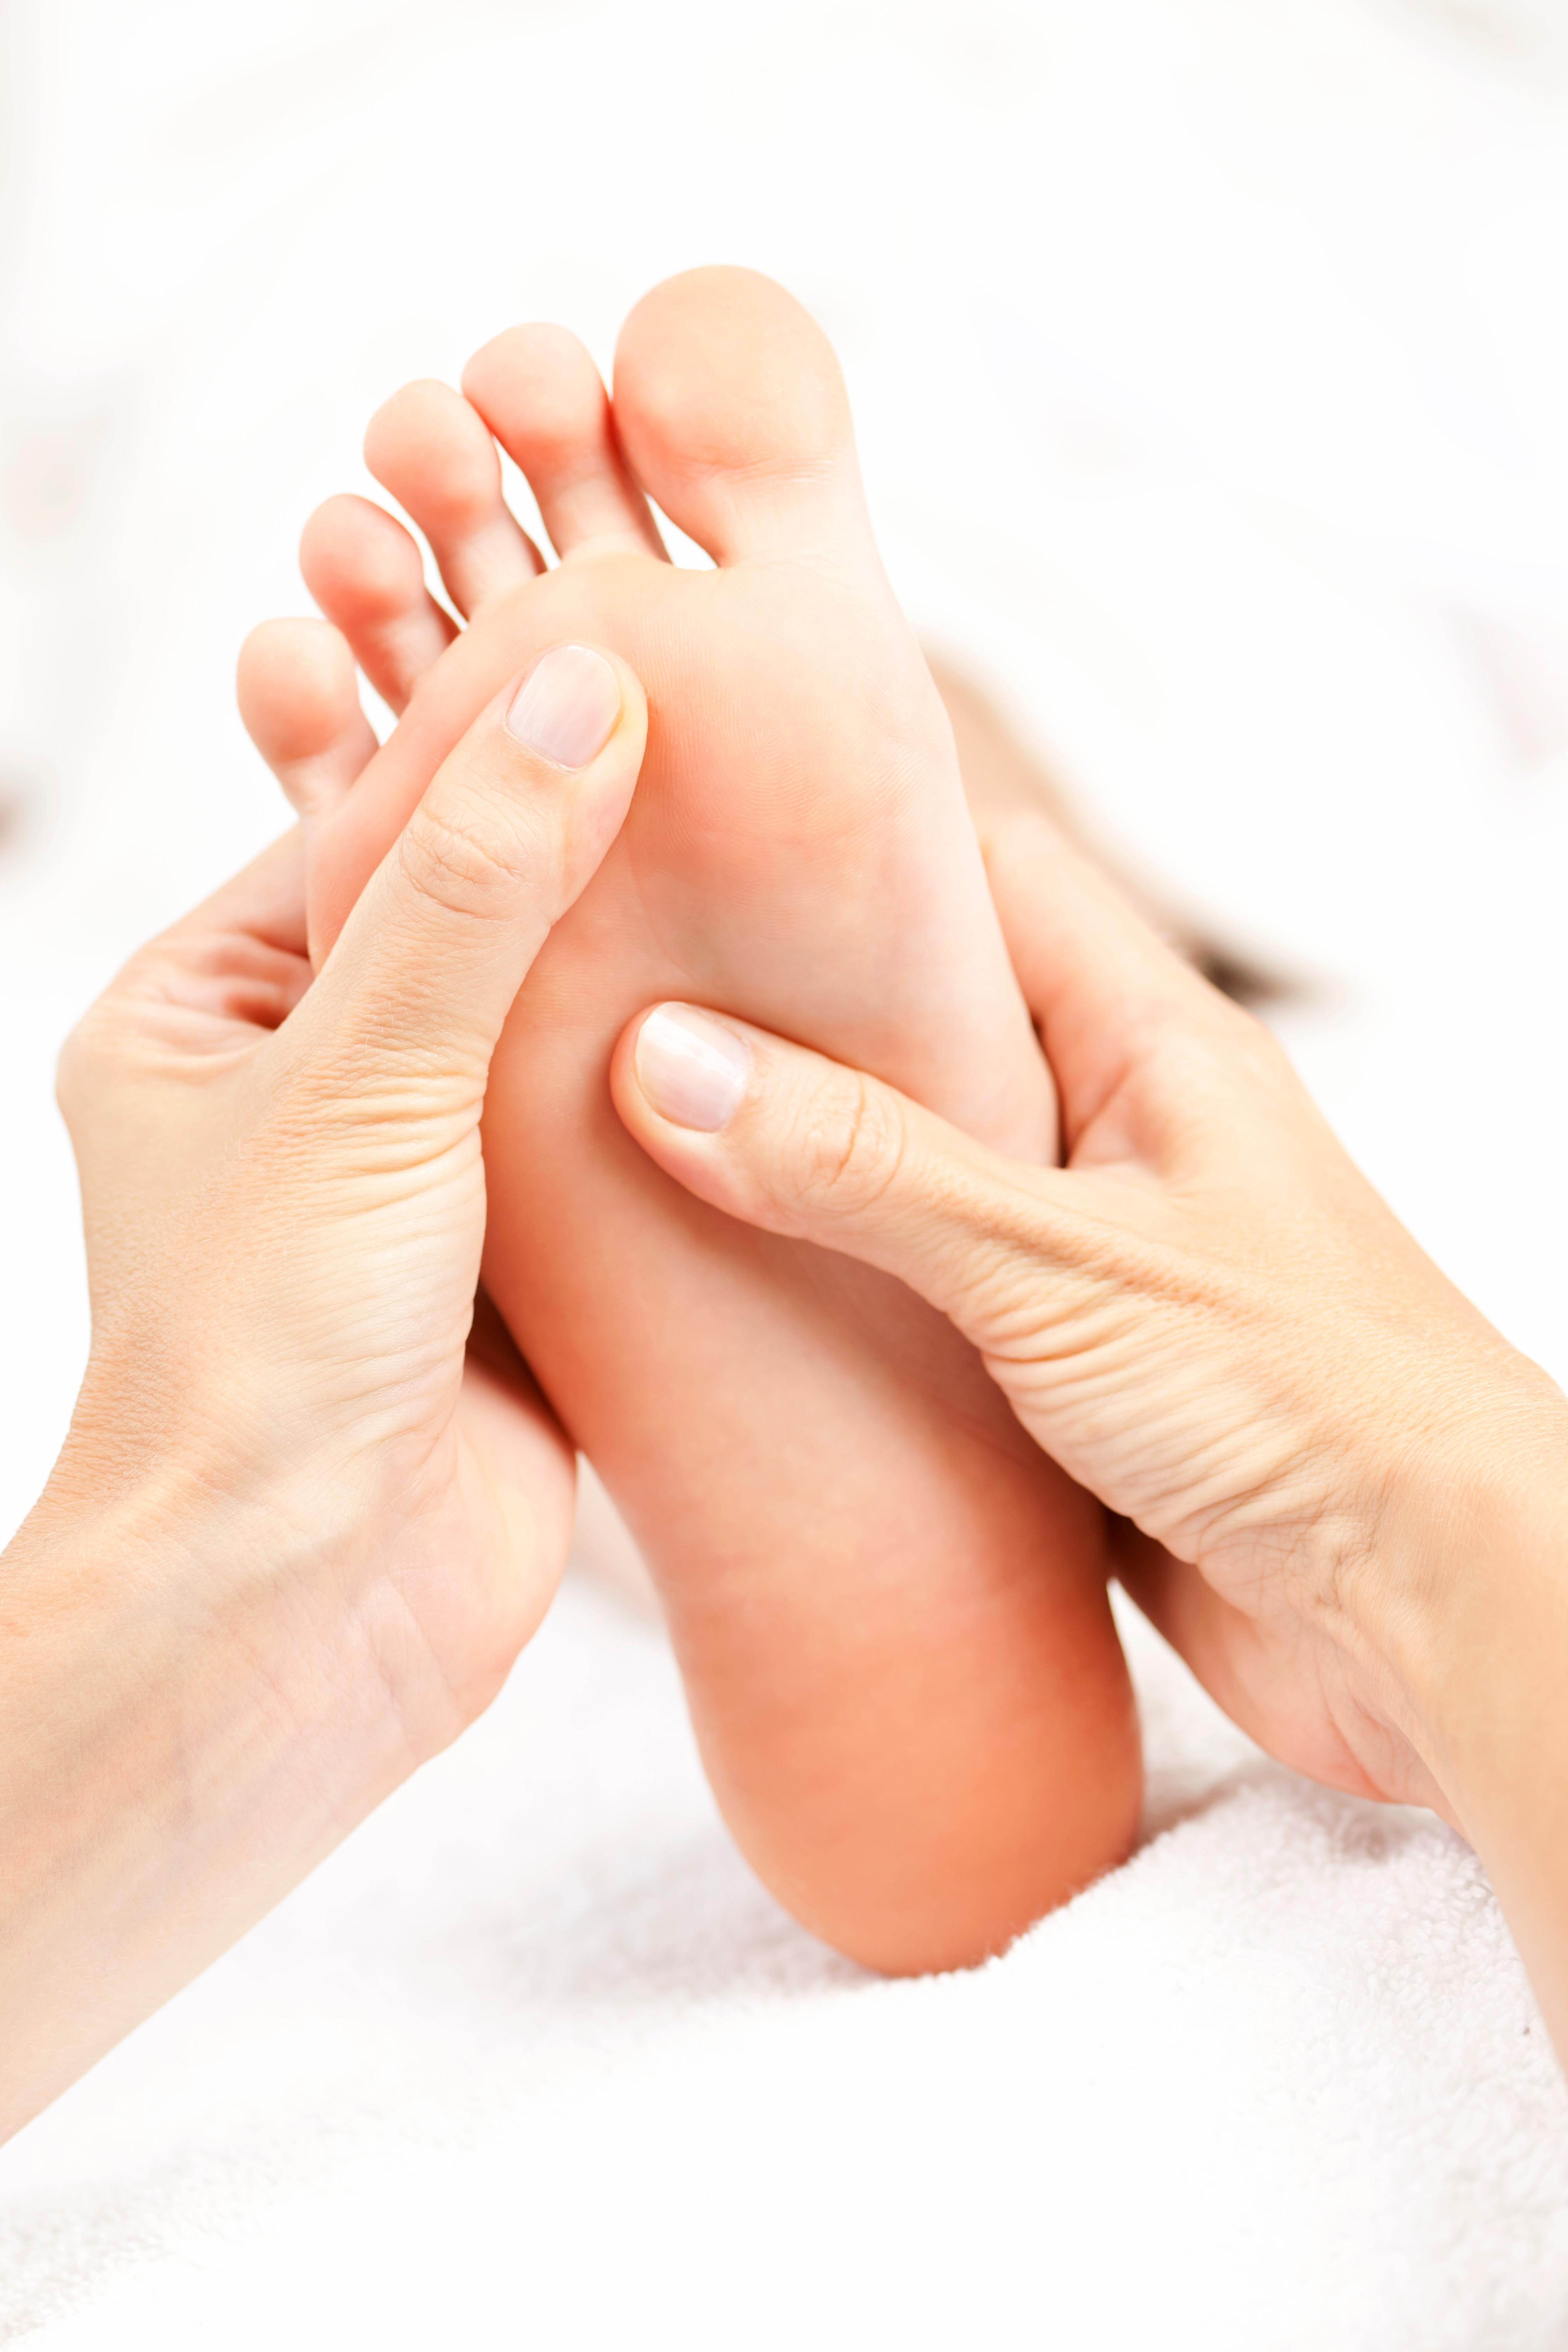 #7.  Foot Massage